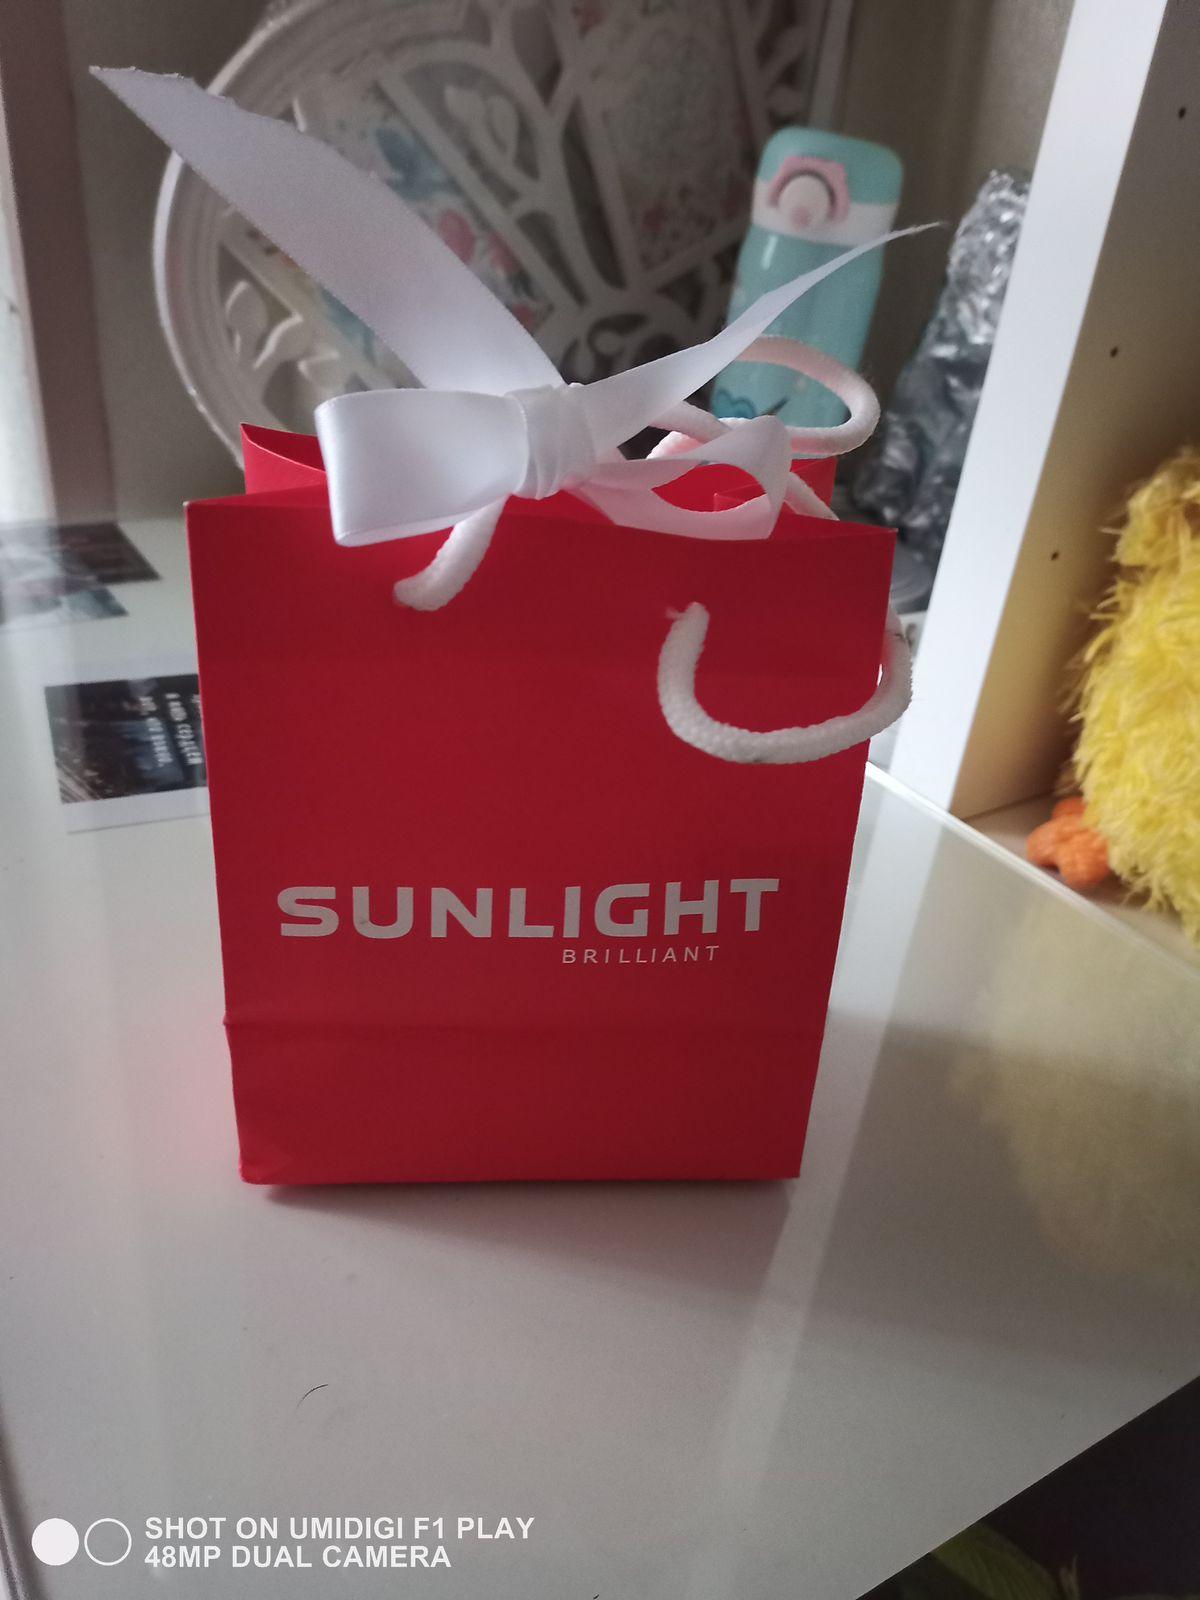 Купив такую коробочку можно не мучиться с выбором как оформить подарок!